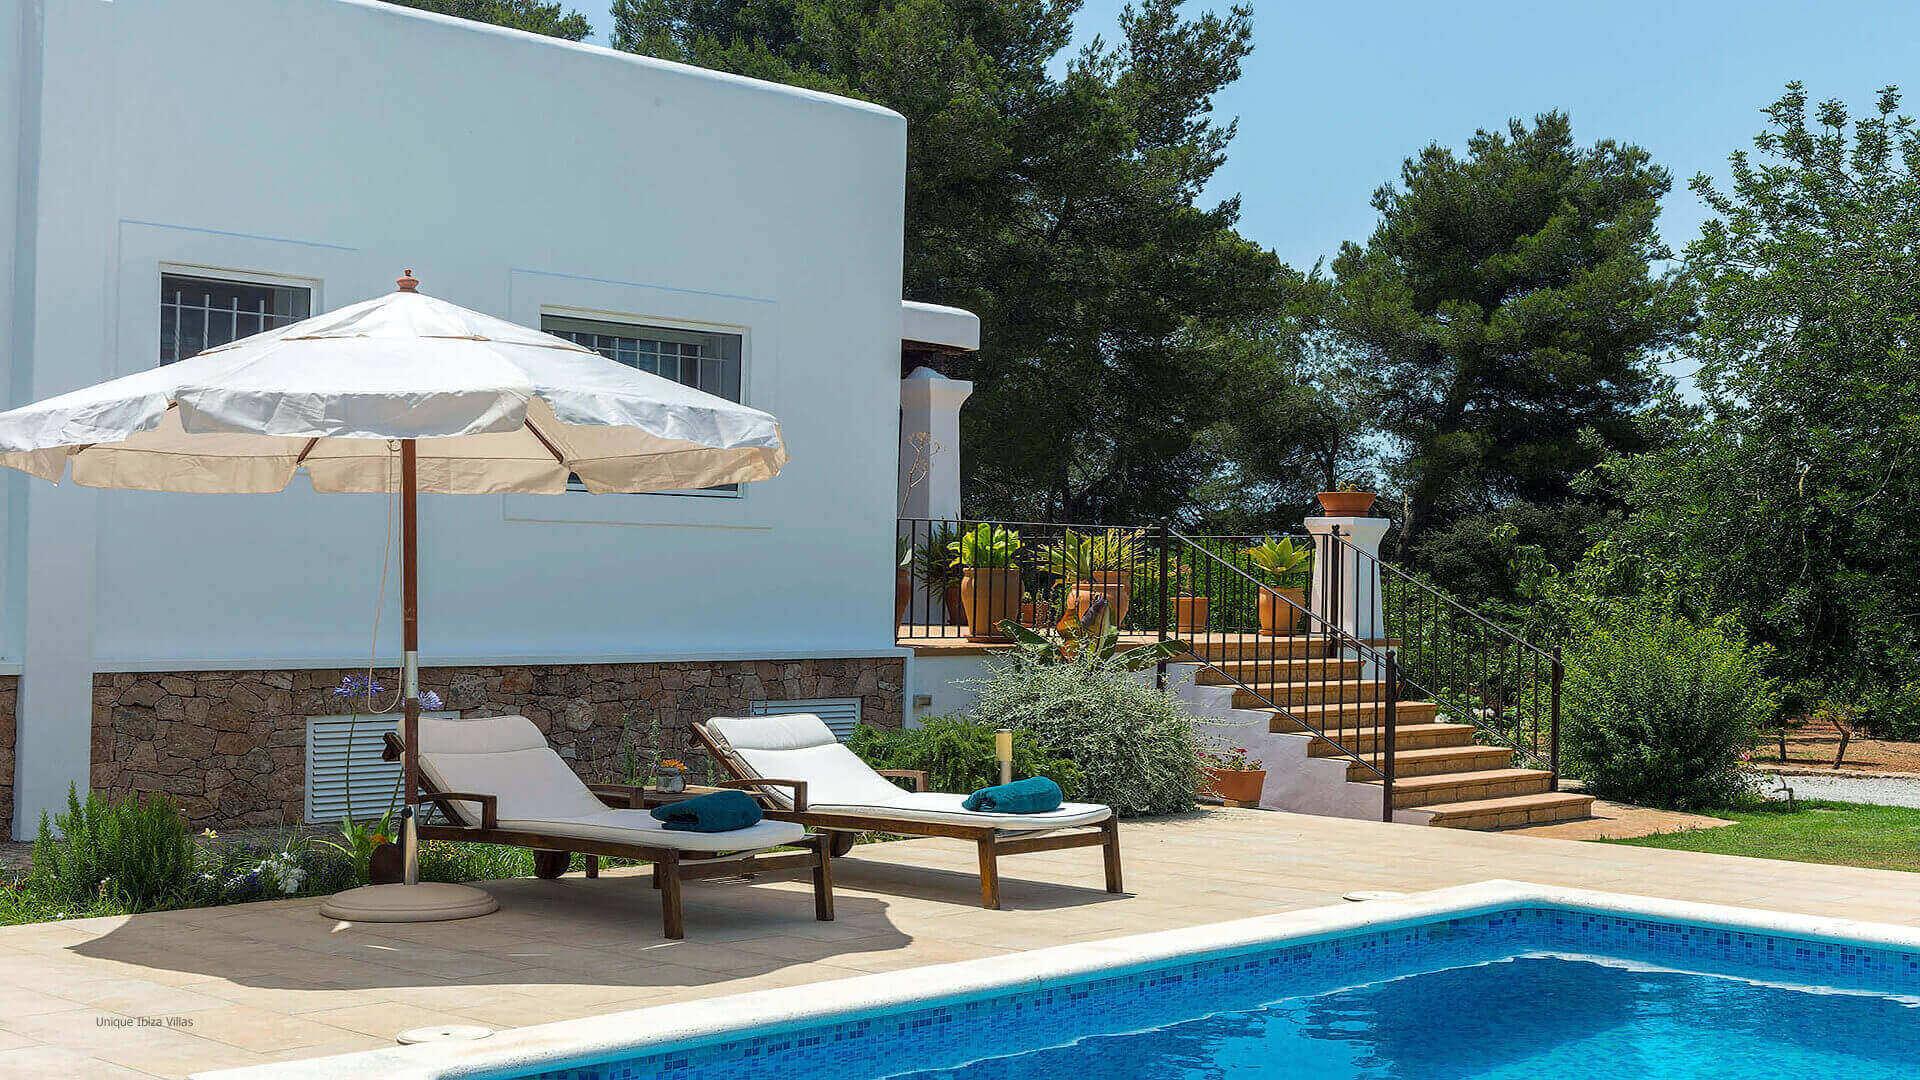 Curreu III Ibiza 3 Santa Gertrudis